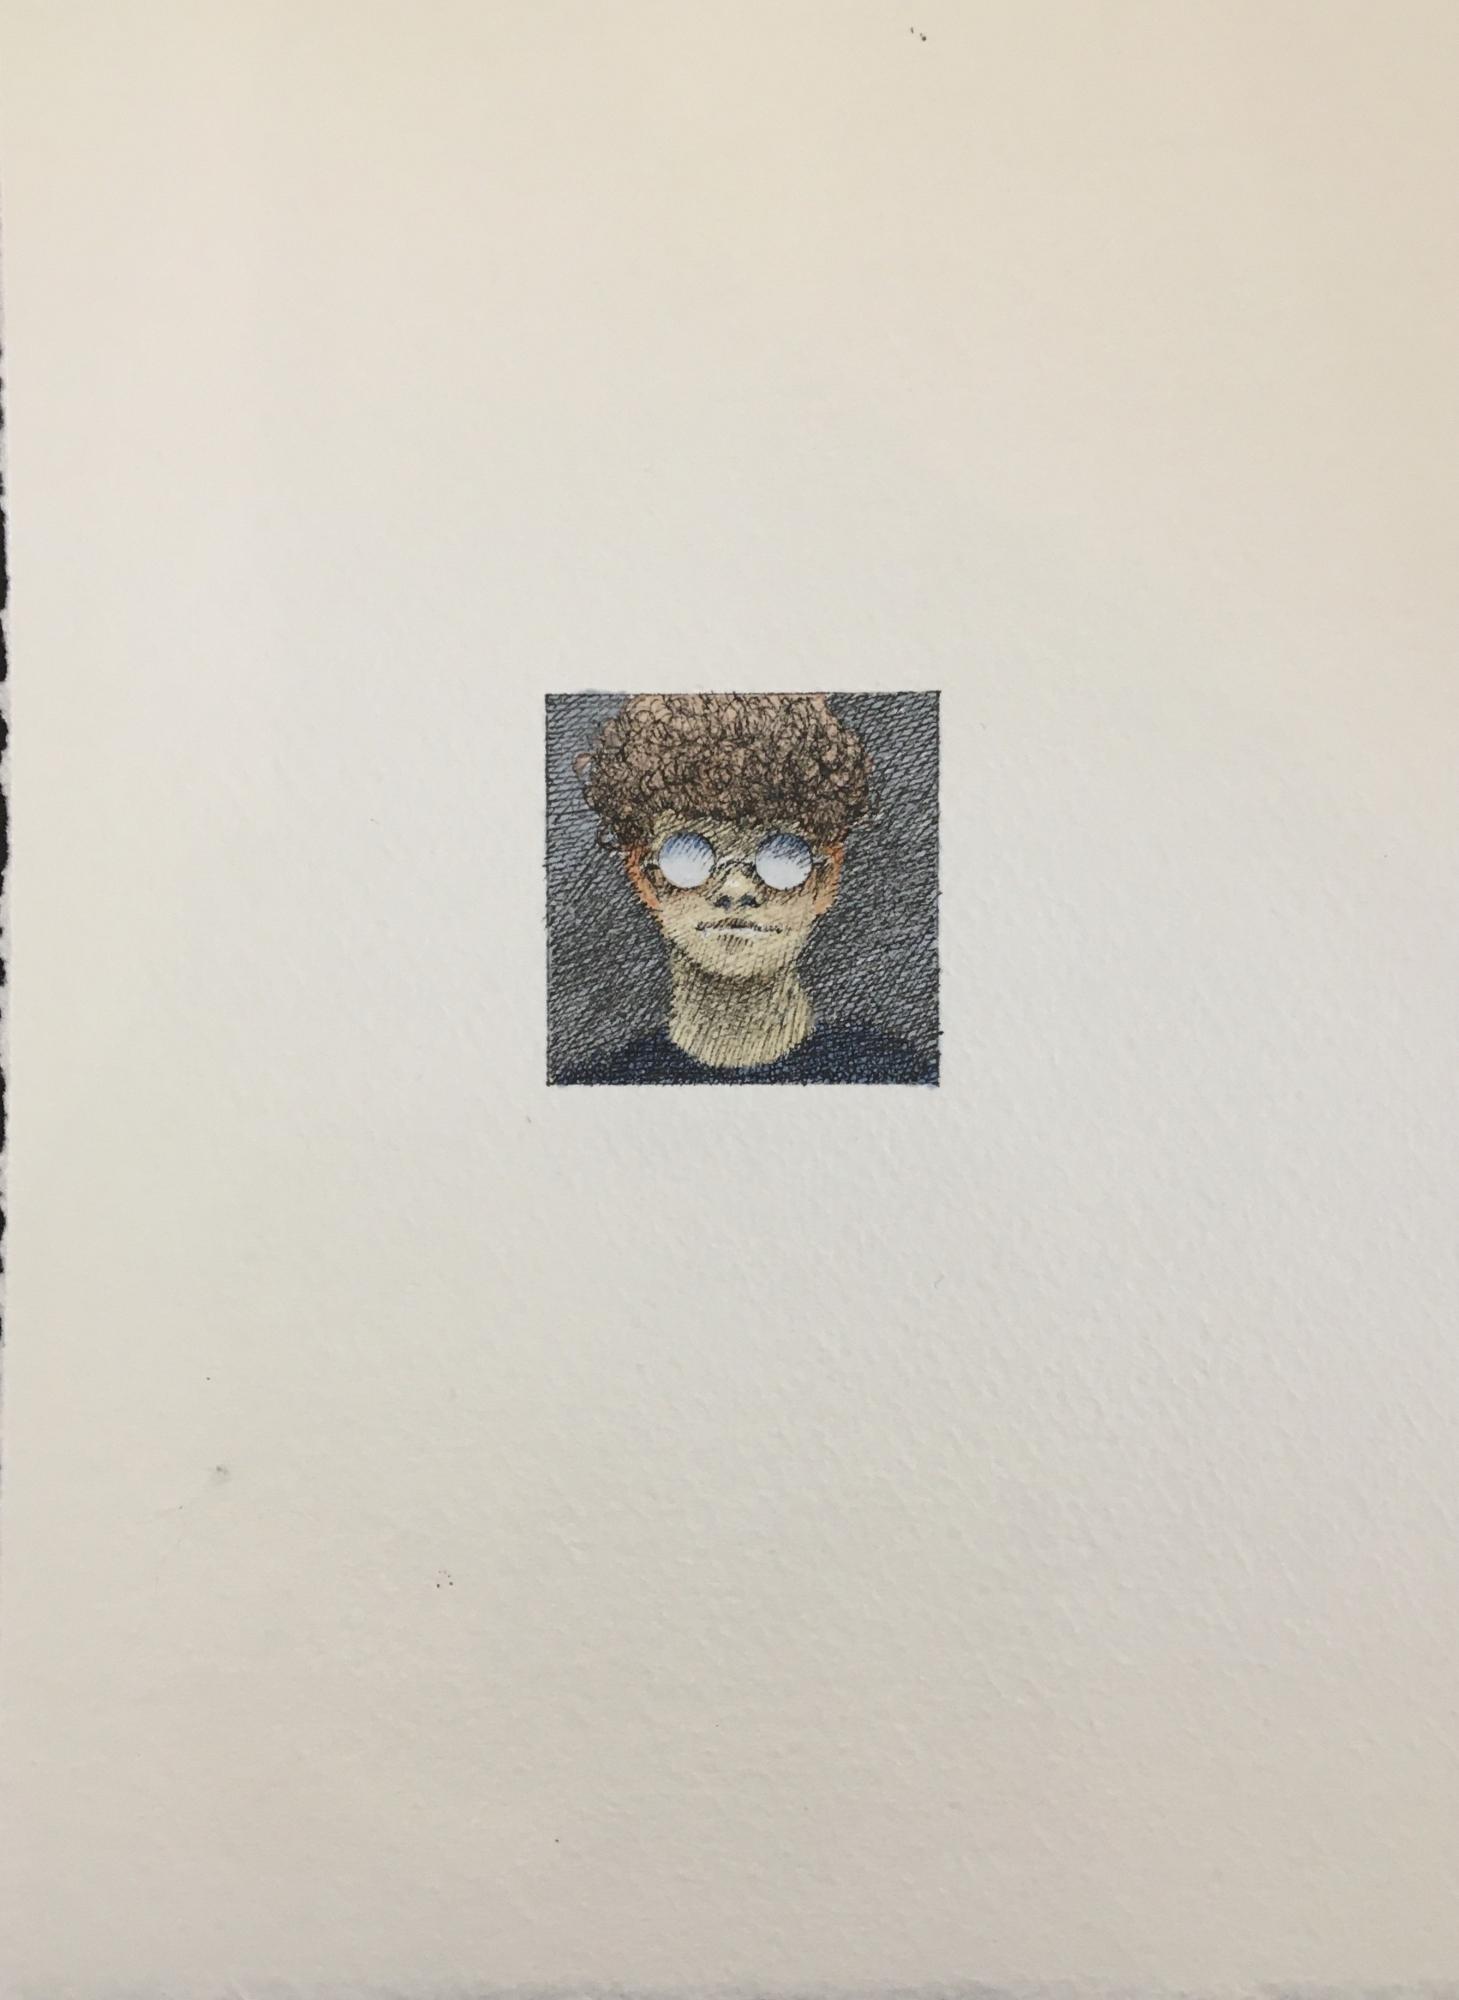 Four Eyes by Geneviève Jodouin